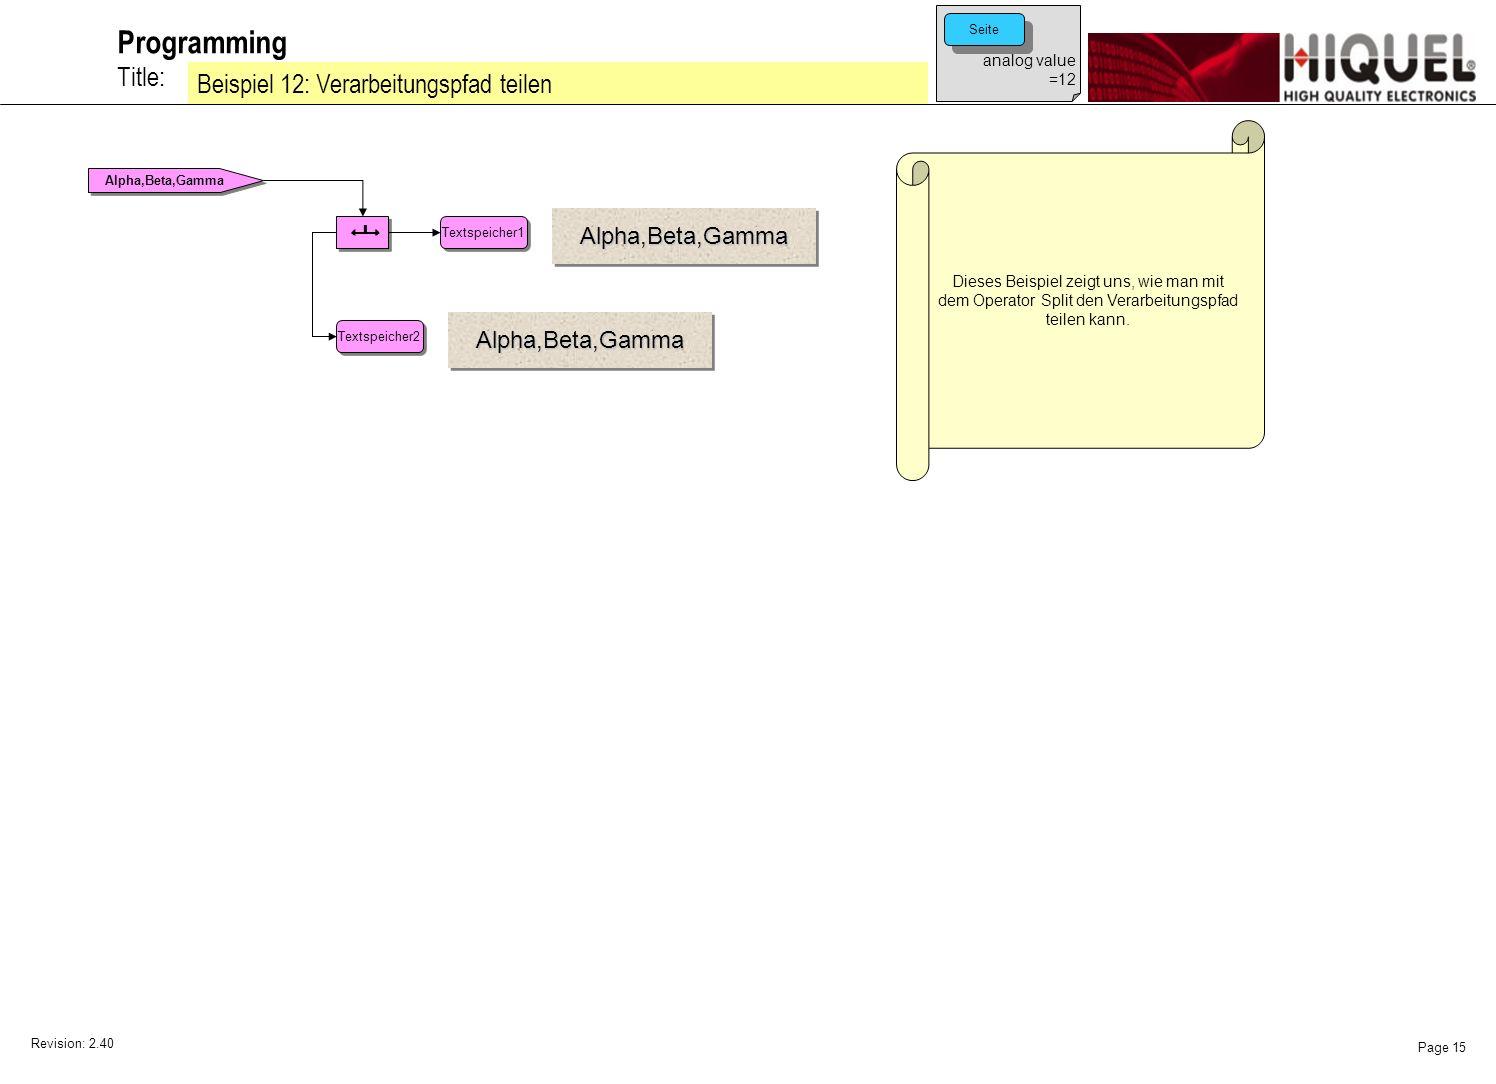 Revision: 2.40 Page 15 Title: Programming Beispiel 12: Verarbeitungspfad teilen Dieses Beispiel zeigt uns, wie man mit dem Operator Split den Verarbeitungspfad teilen kann.